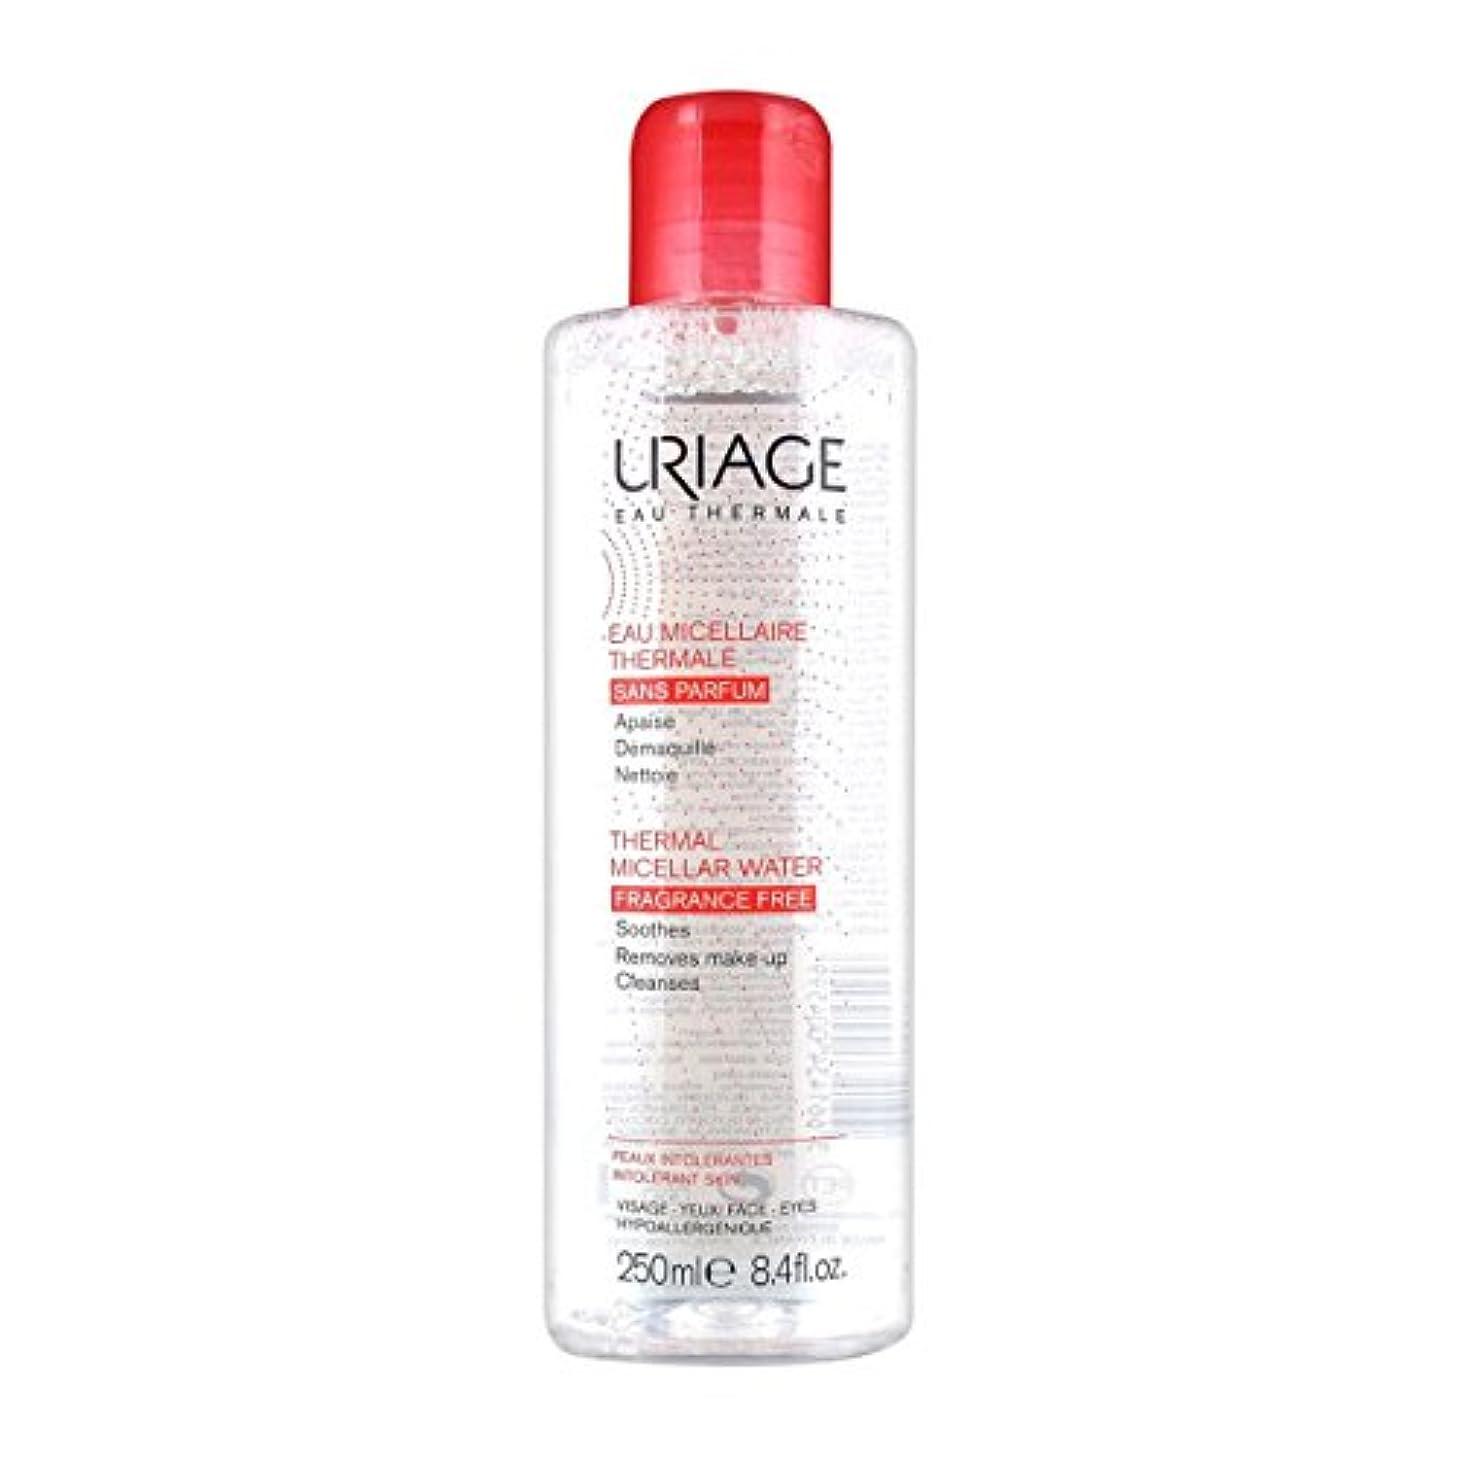 気質湿地隠すUriage Thermal Micellar Water Fragrance Free Intolerant Skin 250ml [並行輸入品]